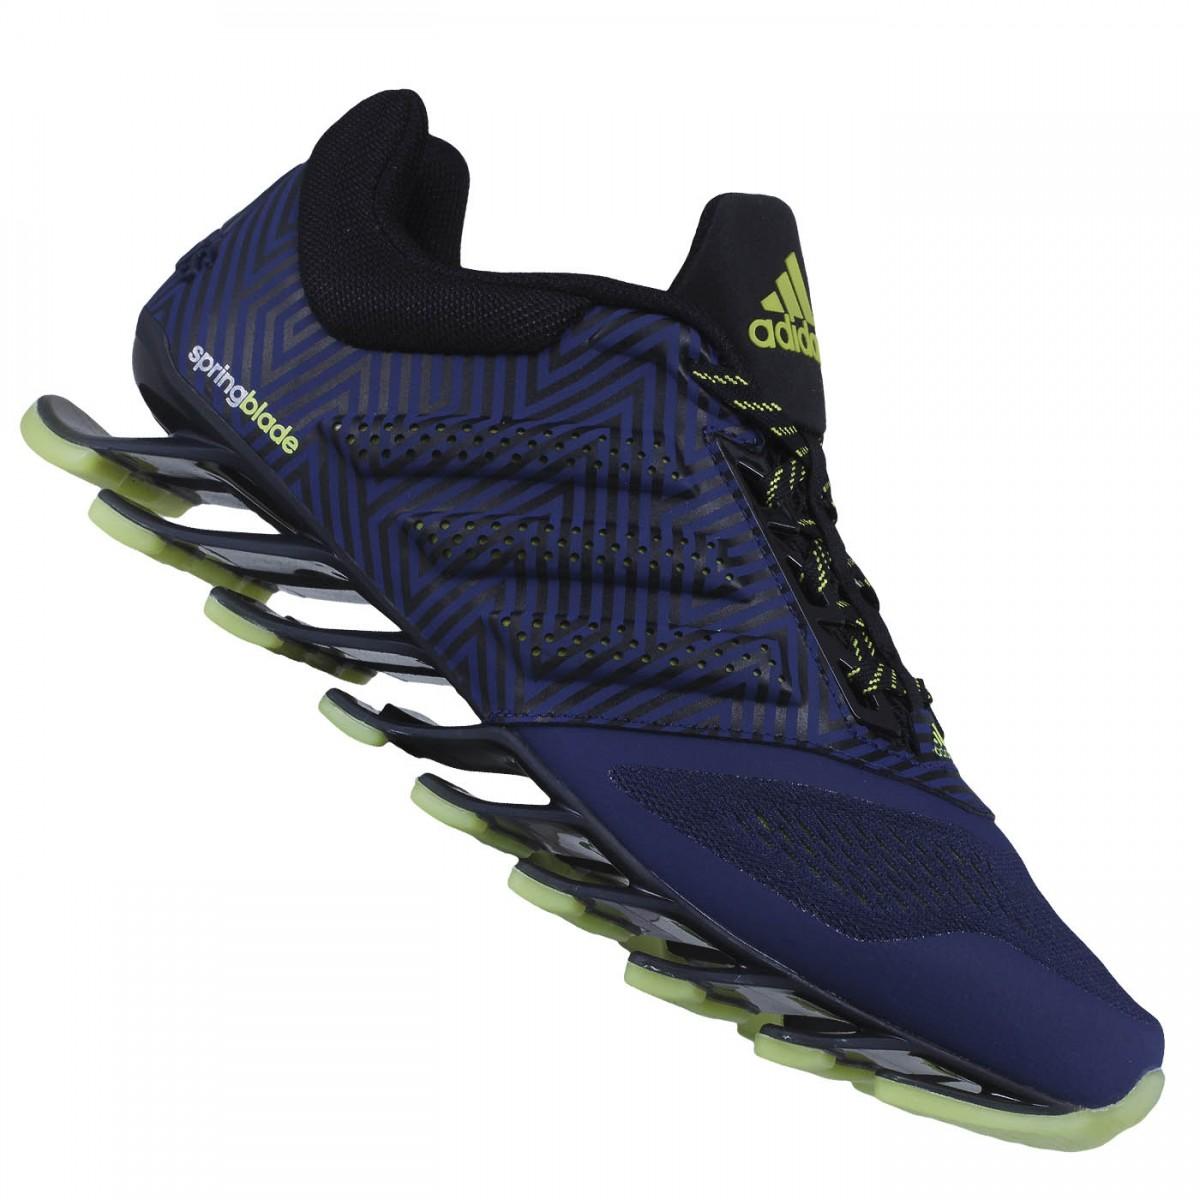 d89c80e3749 Tênis Adidas Springblade Drive 2 - Masculino